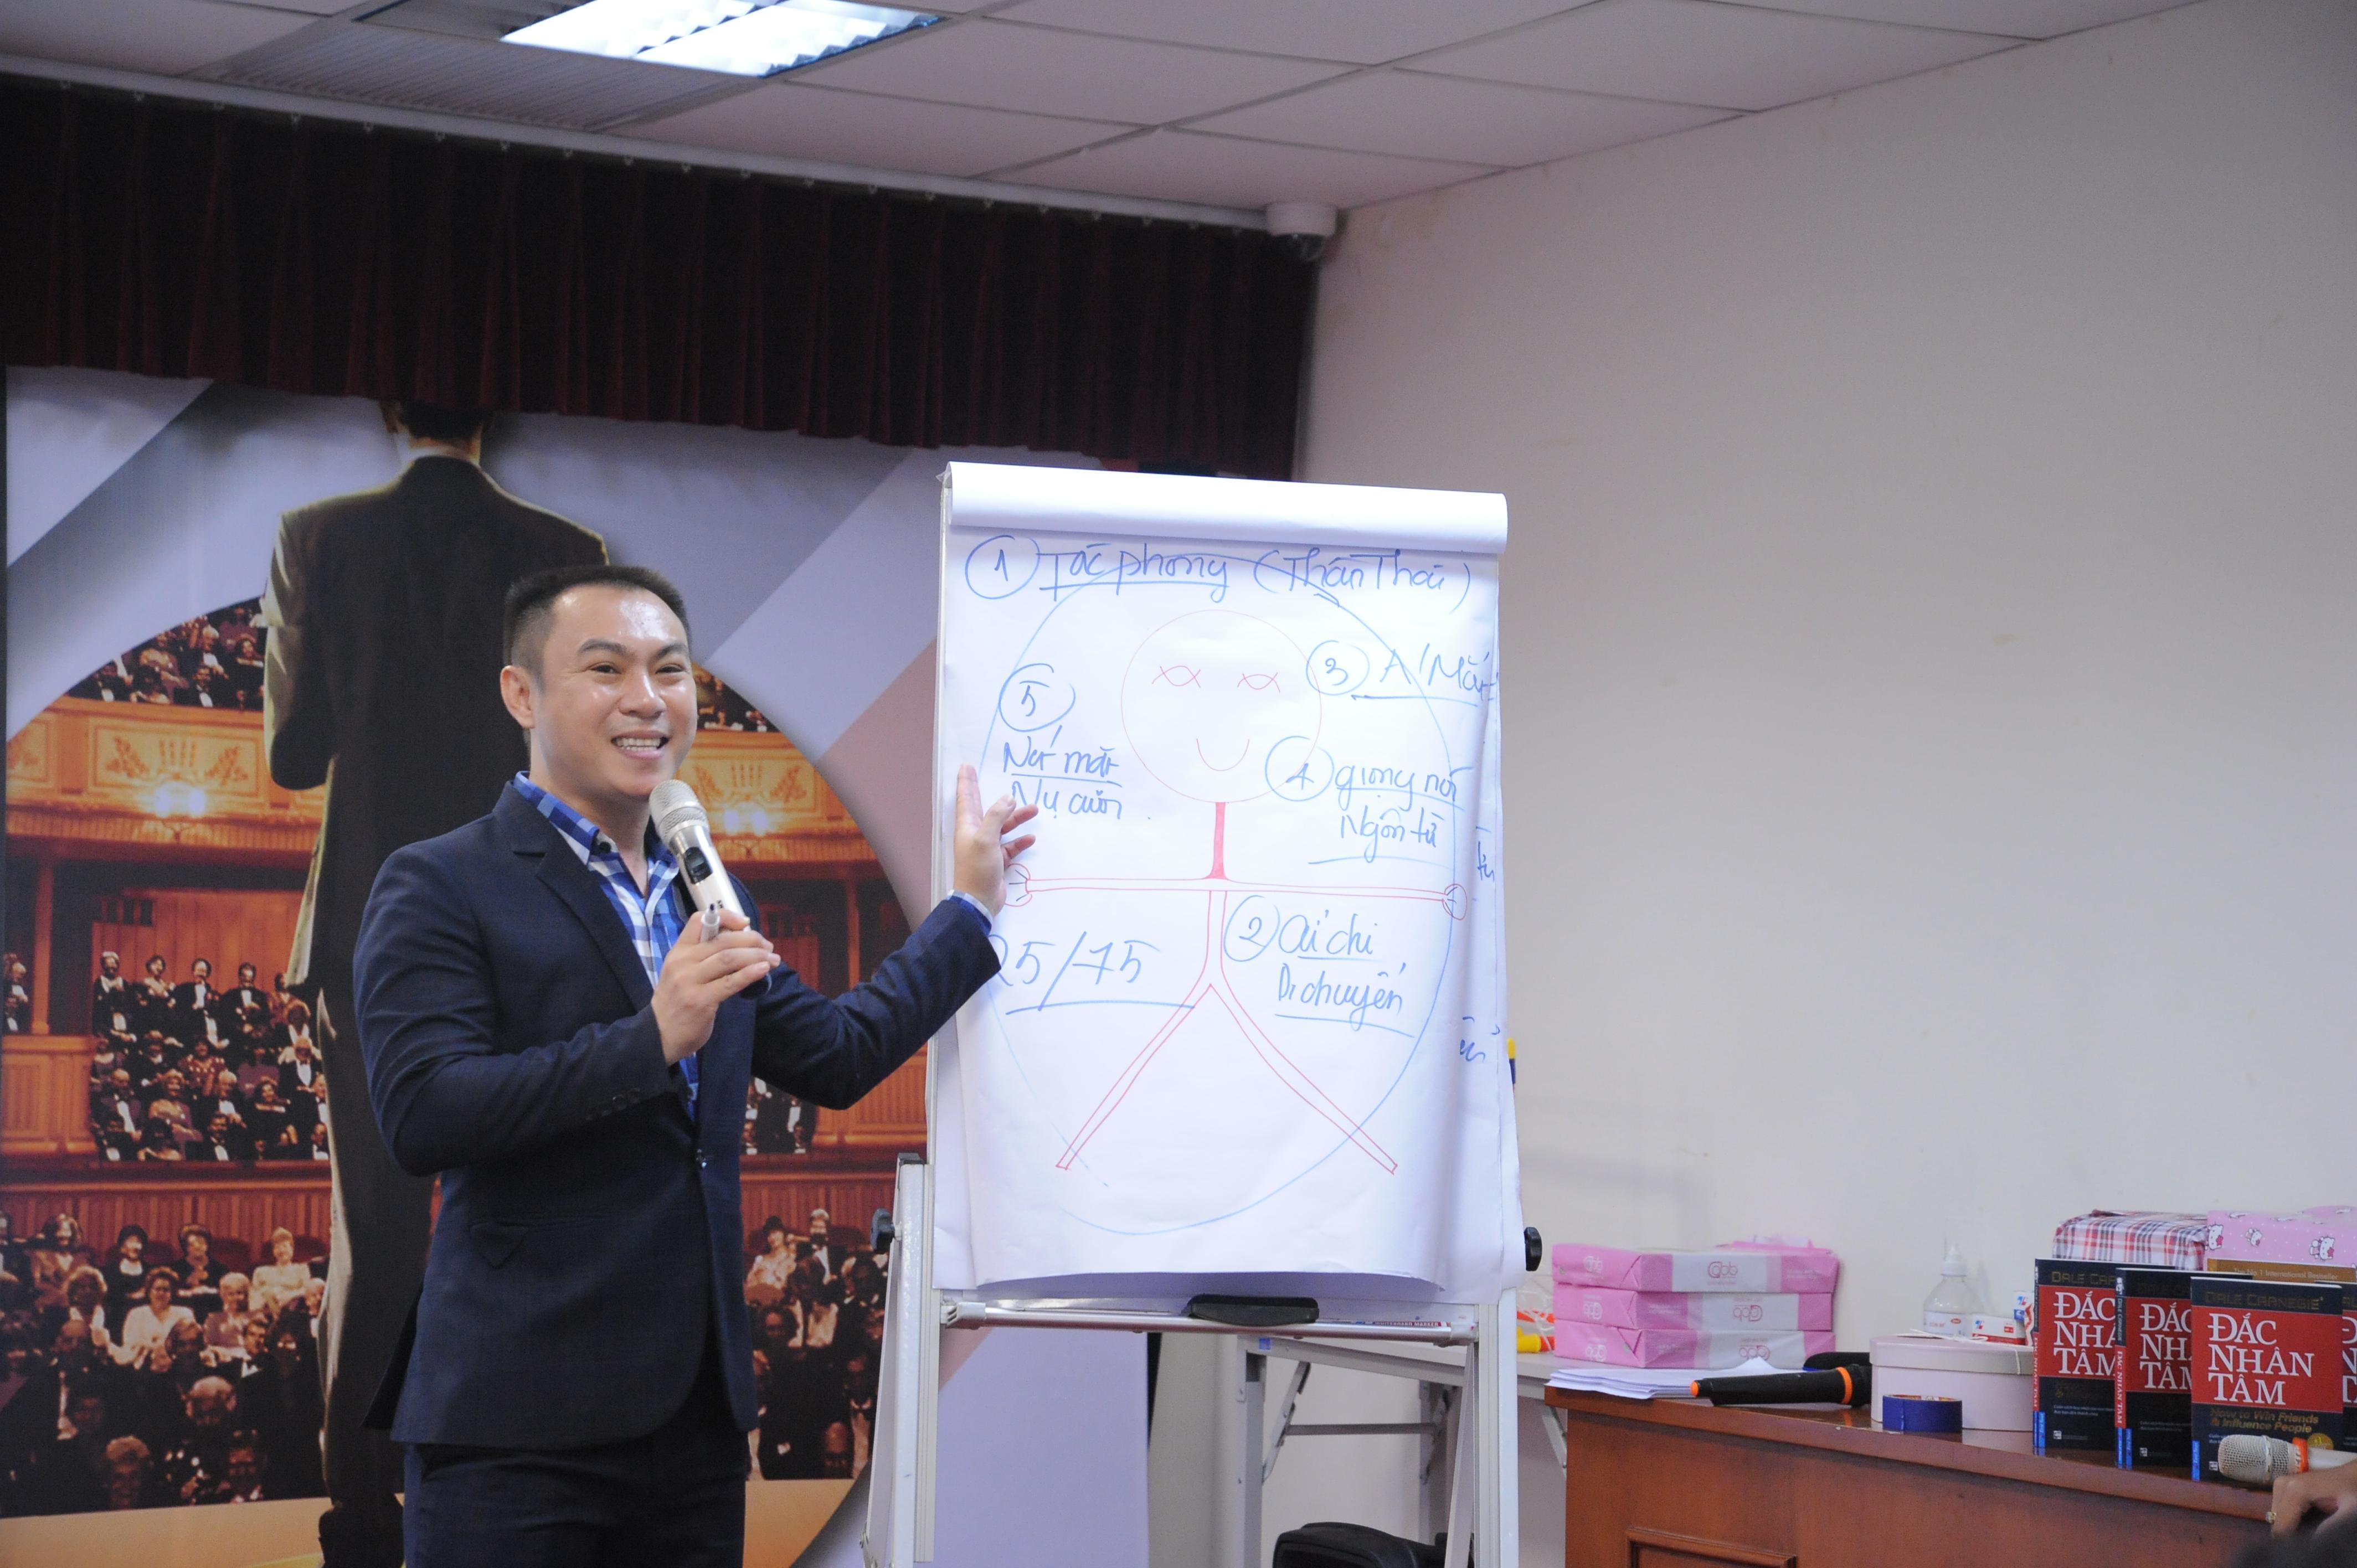 """Chia sẻ về """"bí quyết"""" để một bài thuyết trình đạt hiệu quả tối ưu, anh Nguyễn Văn Vạn cho hay, ngoài việc chuẩn bị kỹ nội dung, luyện tập thường xuyên (trước gương, quay video, diễn thử) và tạo tinh thần thoải mái trước khi diễn thuyết, người thuyết trình cần trau dồi và hoàn thiện 5 yếu tố trong khi trình bày, gồm: tác phong (thần thái), cử chỉ - di chuyển, ánh mắt, giọng nói - ngôn từ và nét mặt - nụ cười. Thần thái thể hiện qua sự tự tin. Việc di chuyển cần giữ khoảng cách phù hợp với máy chiếu, bảng biểu; tránh quay lưng lại với khán giả. Ánh mắt không nên chăm chăm nhìn 1 hướng, ngước lên trần nhà, mặt đất hay ngó nghiêng liên tục. Người truyền đạt cần nói với chất giọng vừa đủ nghe, tròn vành rõ chữ và sử dụng ngôn từ phổ thông, đại chúng trong diễn tả. Cuối cùng là khuôn dung tươi tỉnh, nụ cười cần tươi để tạo thiện cảm, tinh thần lạc quan. Như vậy, người nghe sẽ cuốn hút và ấn tượng với bài thuyết trình."""